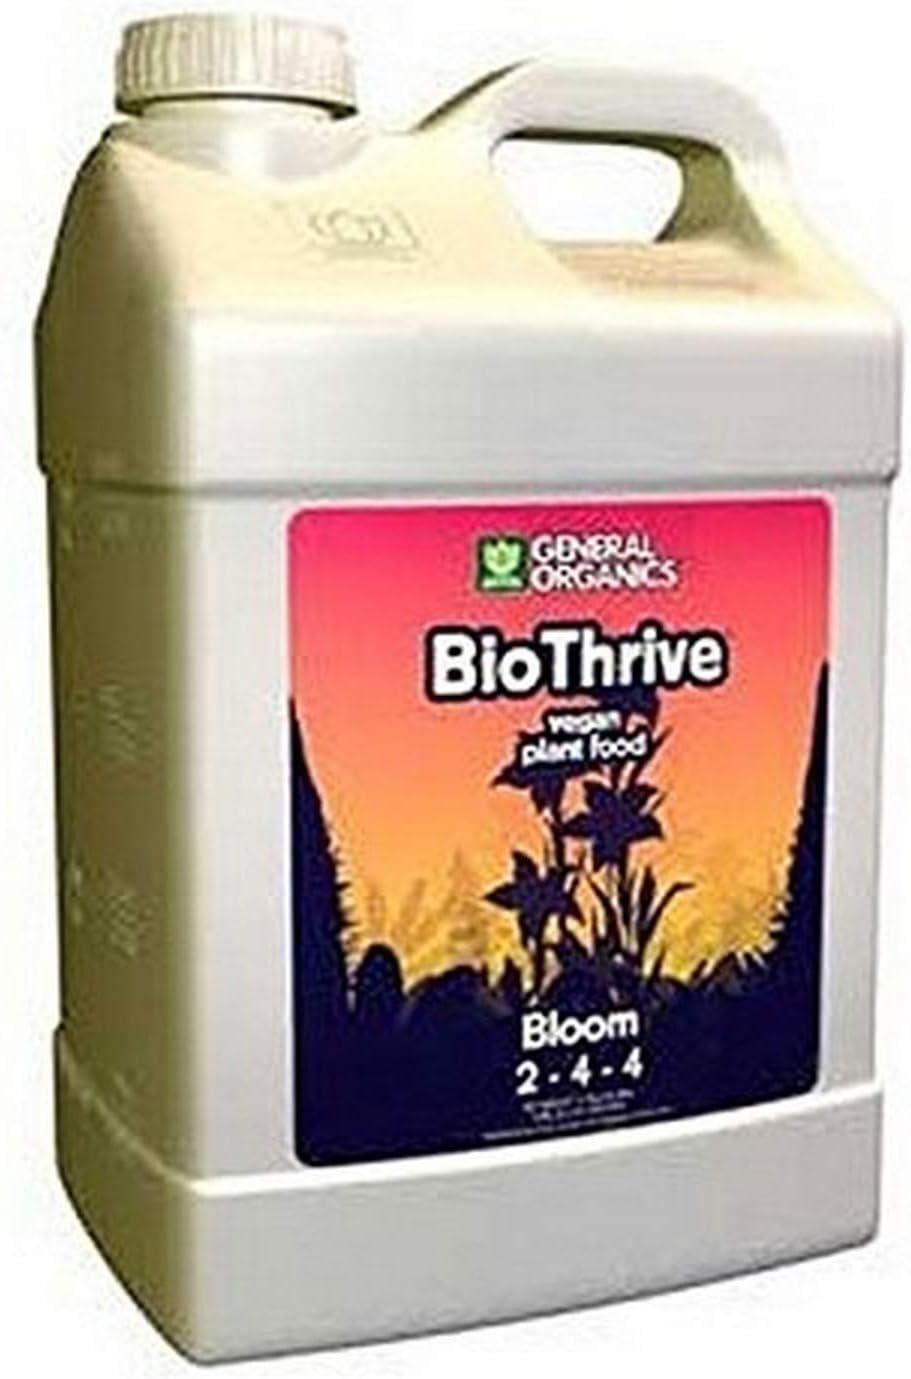 General Hydroponics GL56726814 Organics, 2.5-Gallon BioThrive Bloom Booster, 2.5 Gallon,Black